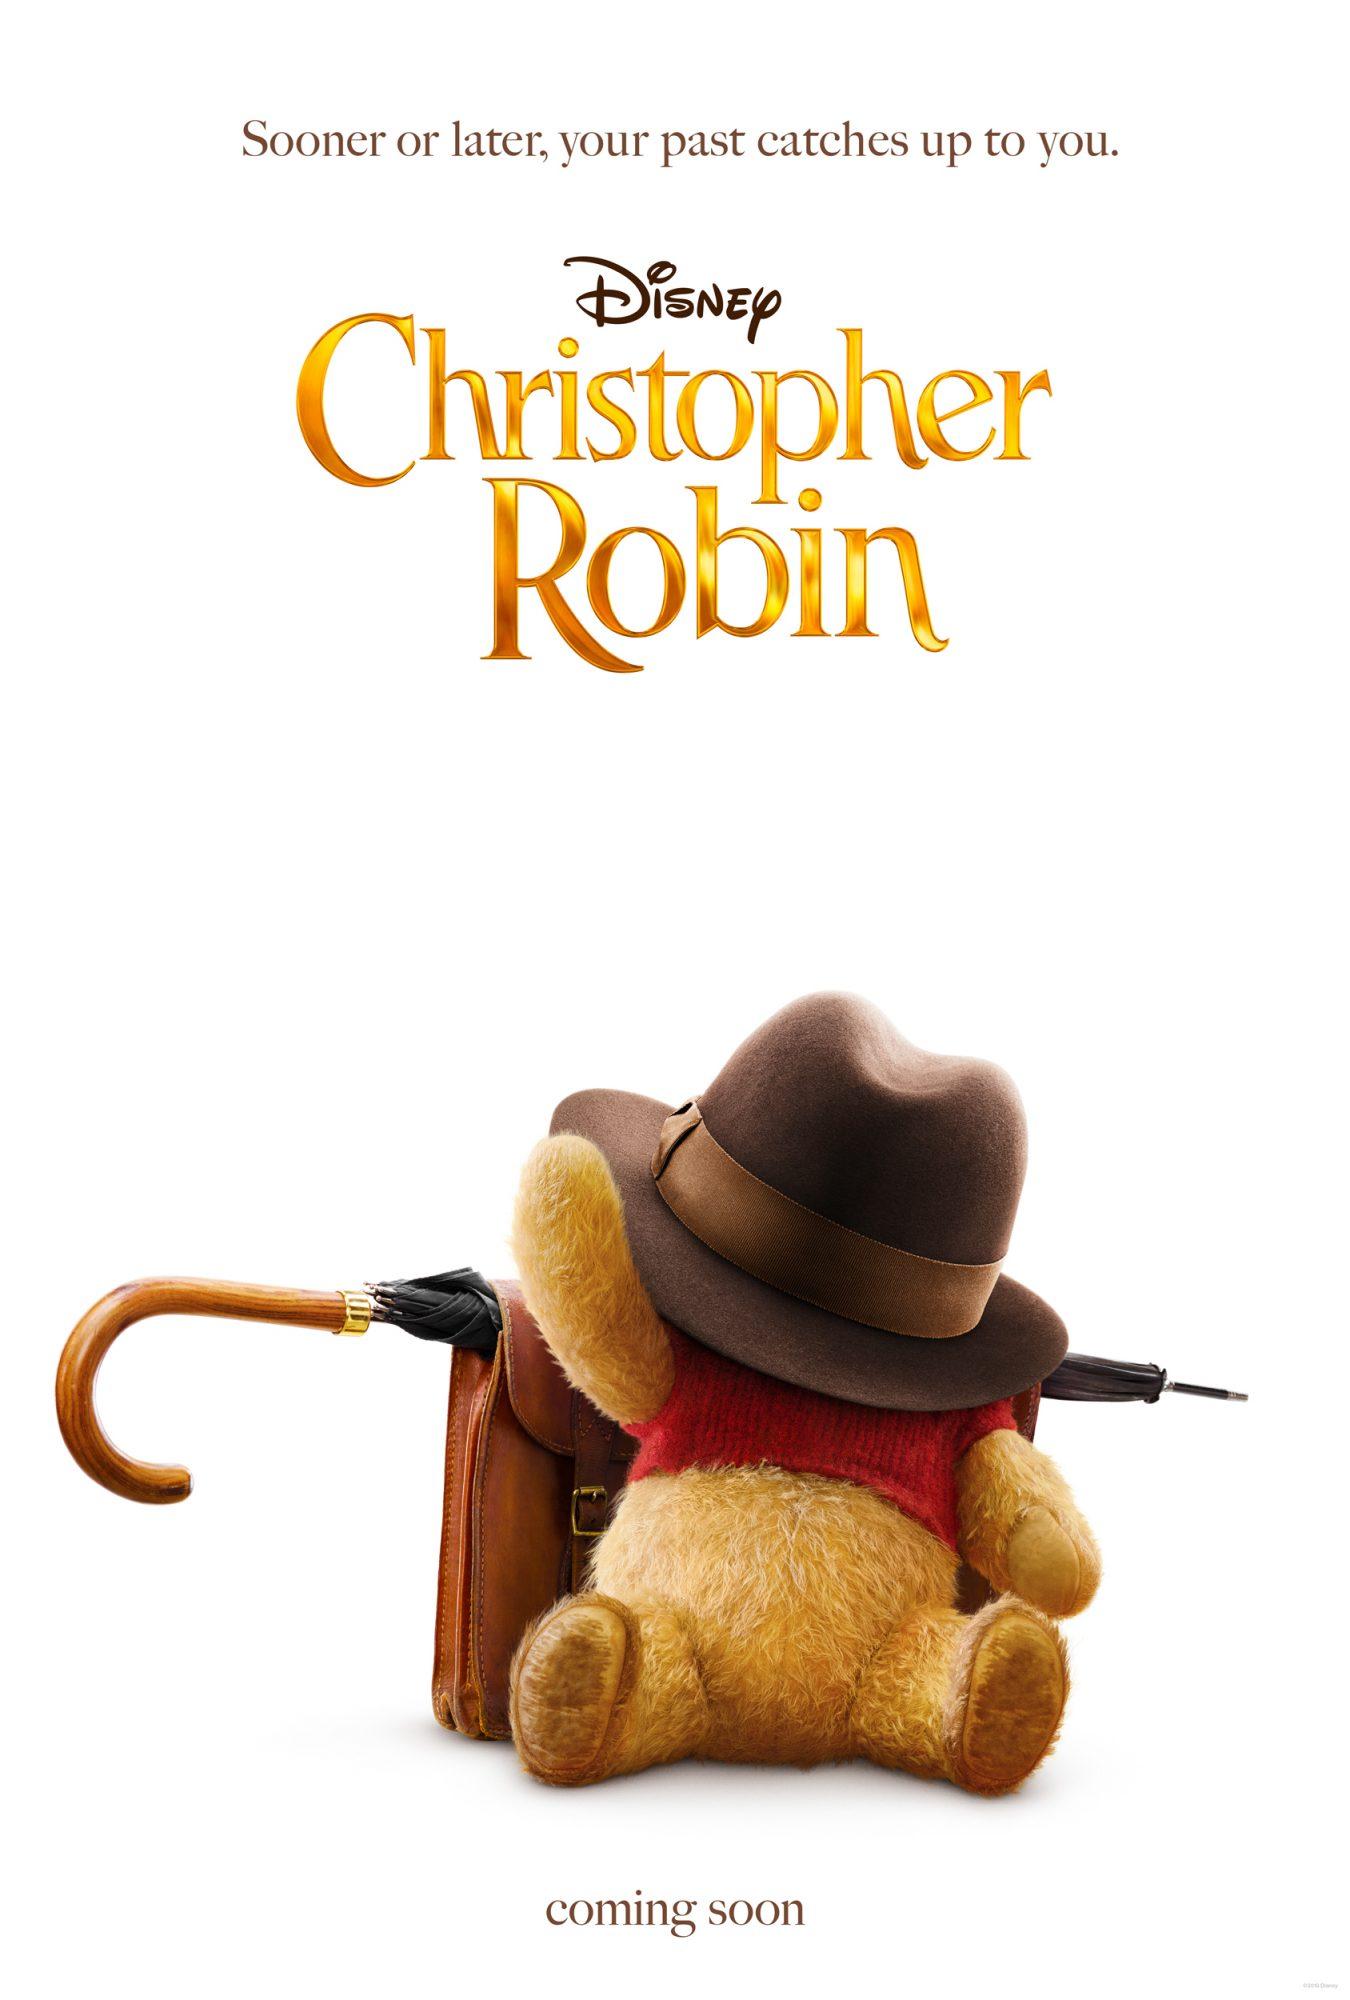 Christopher Robin teaser poster